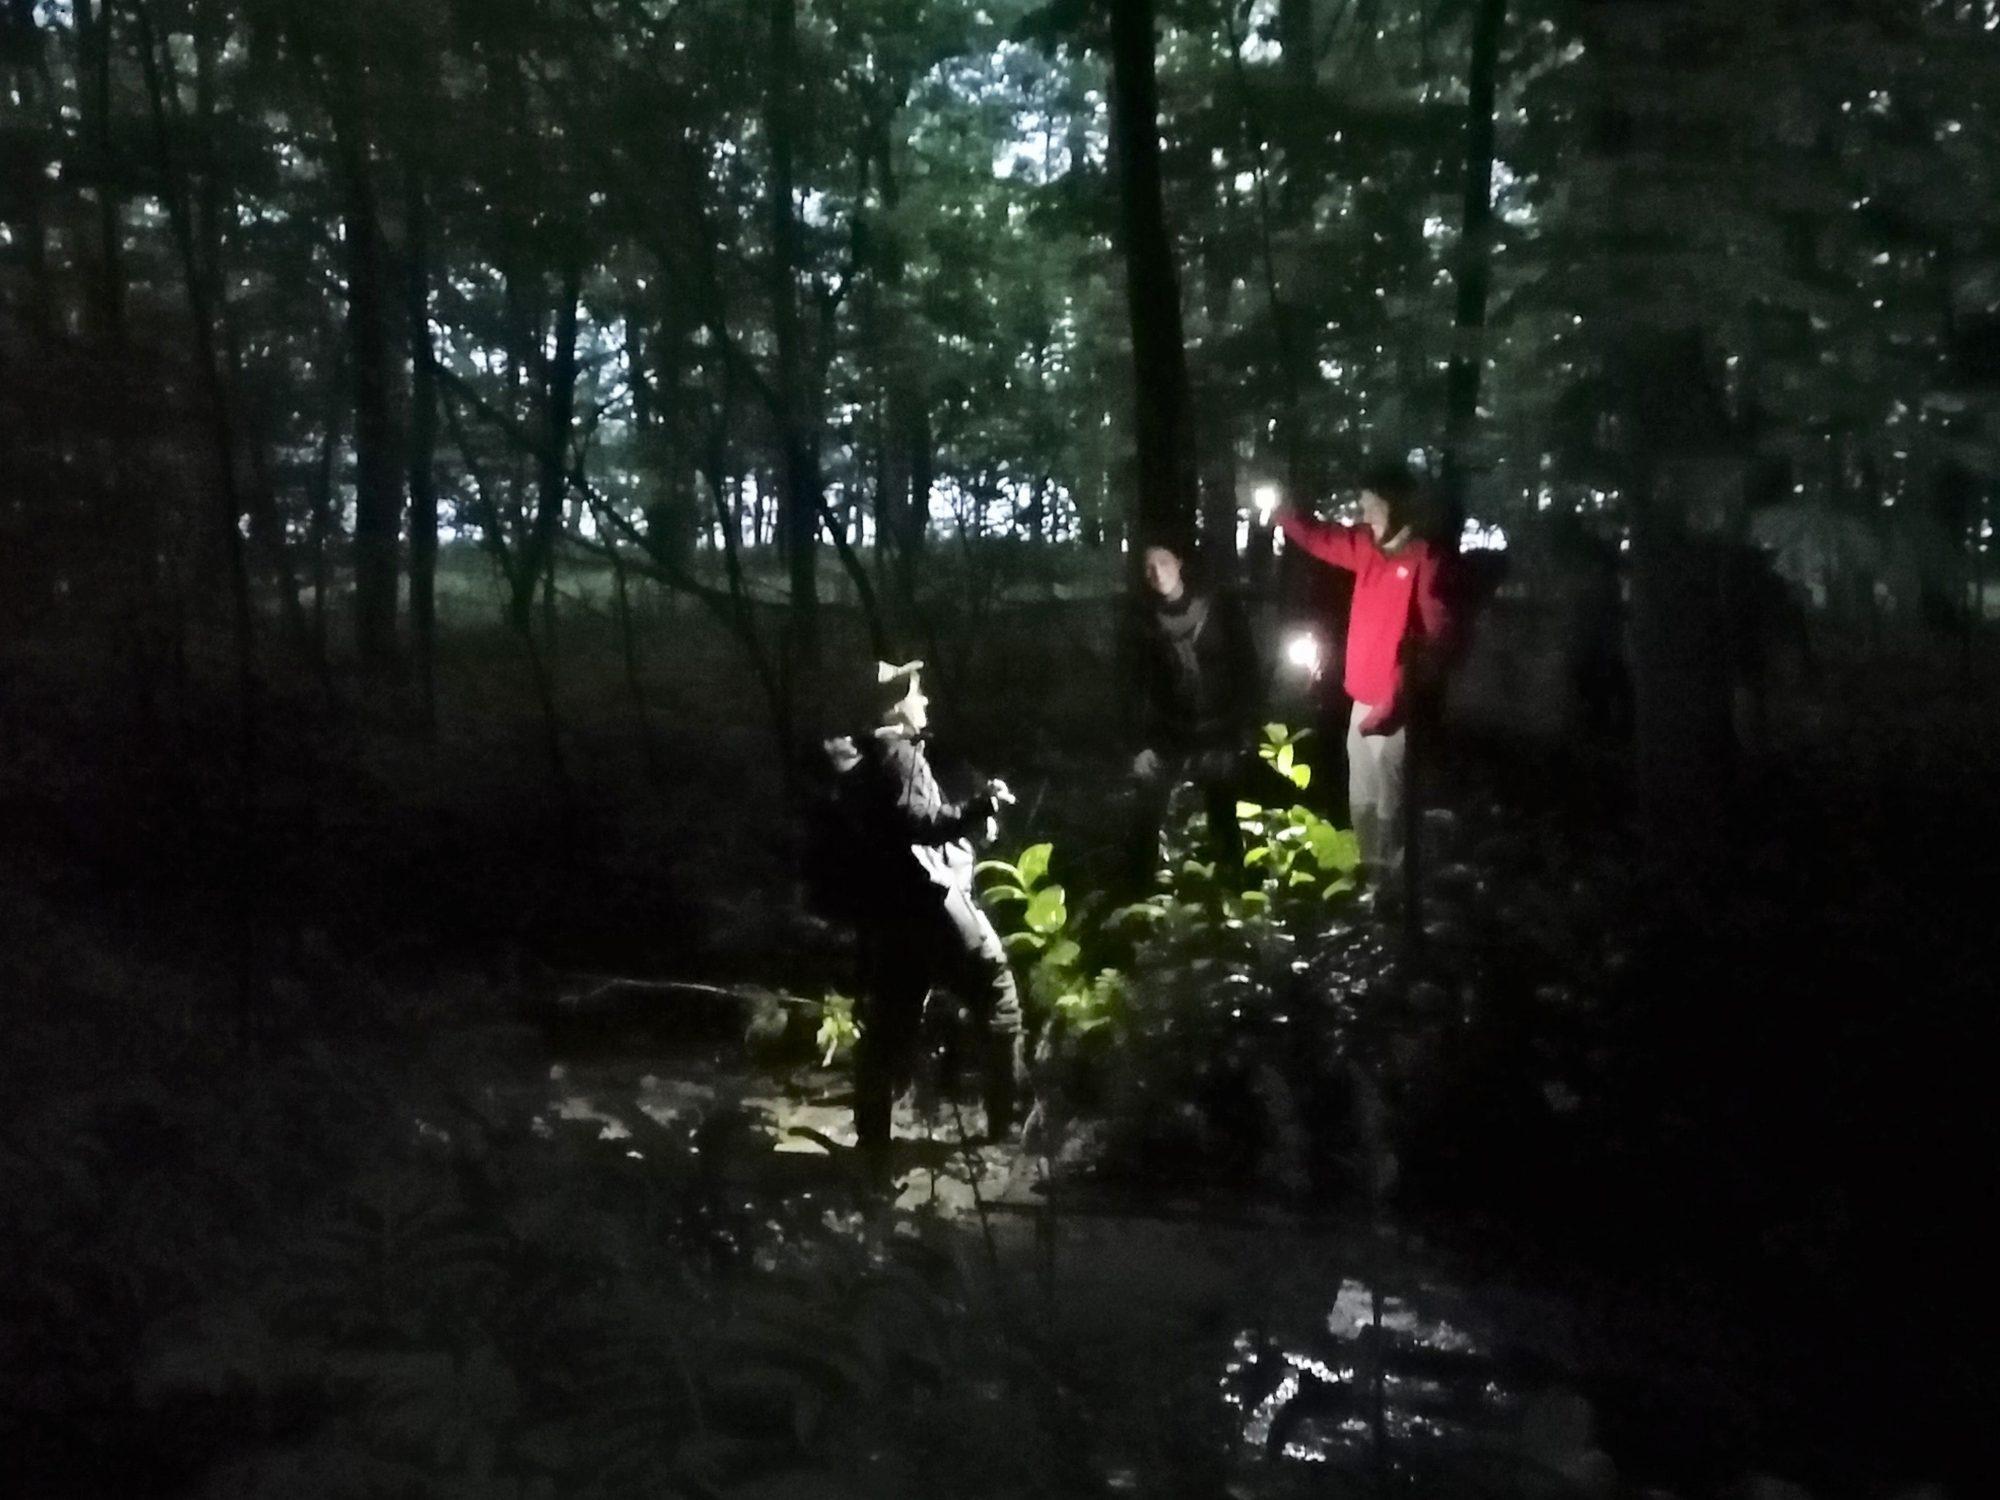 Juillet 2019. Quelques intrépides intéressés aux chiroptères (chauves-souris) lors d'une sortie de nuit au Marais-Léon-Provancher. Photo : Pascale Forget.